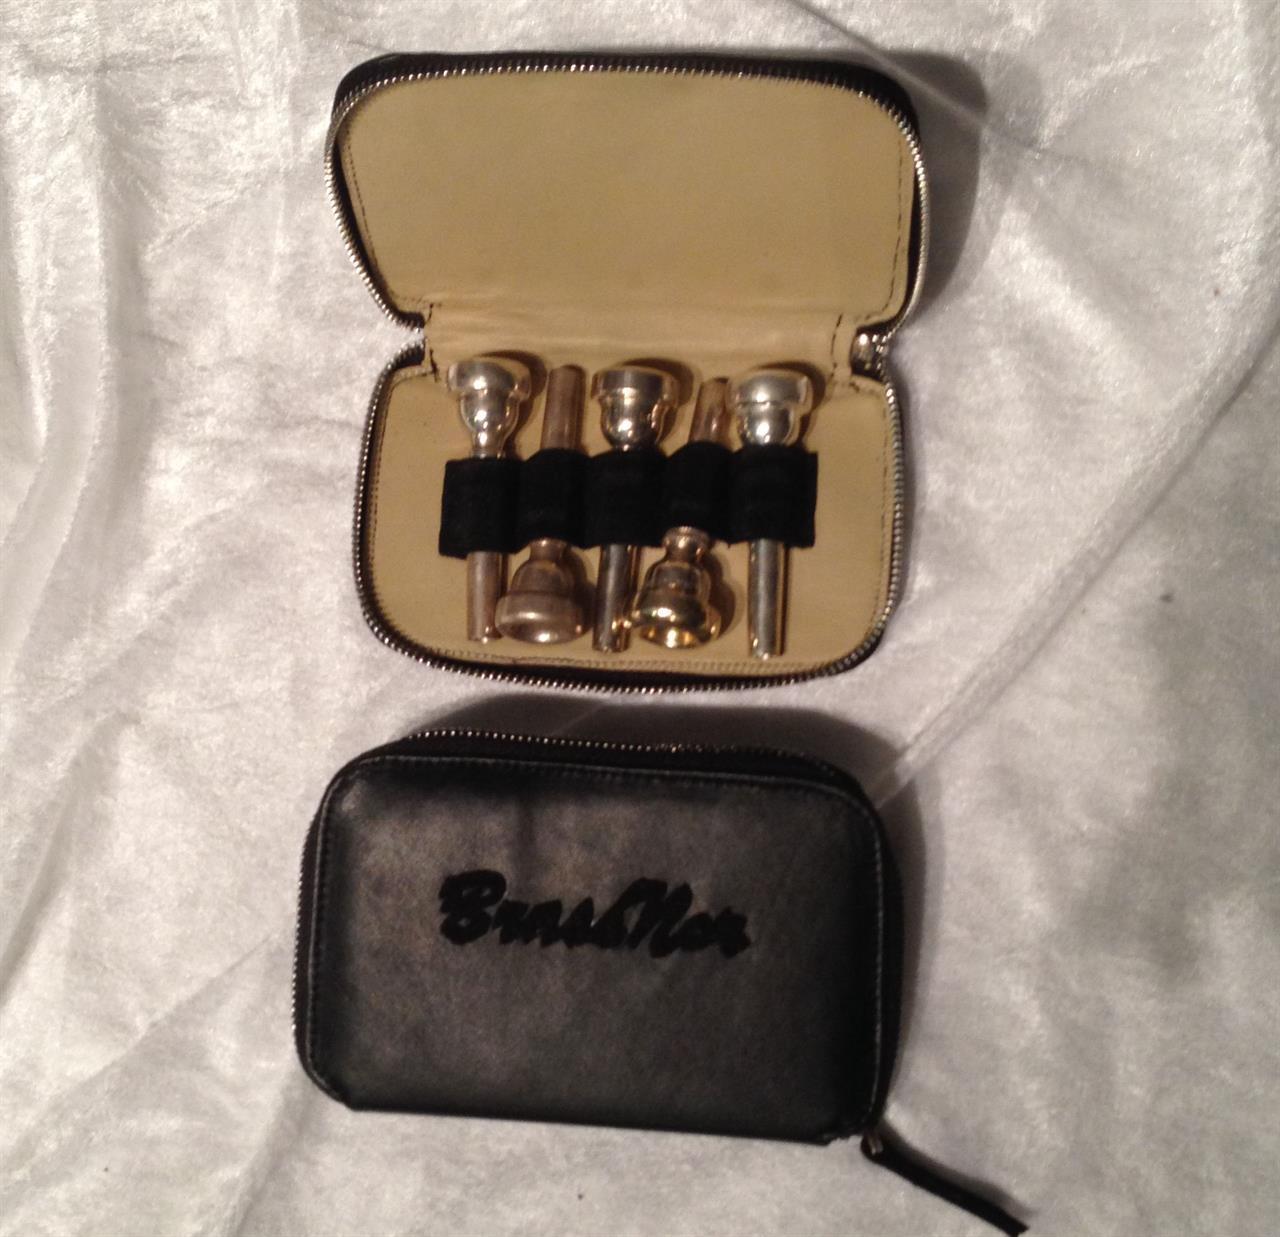 BrassNor munnstykkeetui x 5, skinn